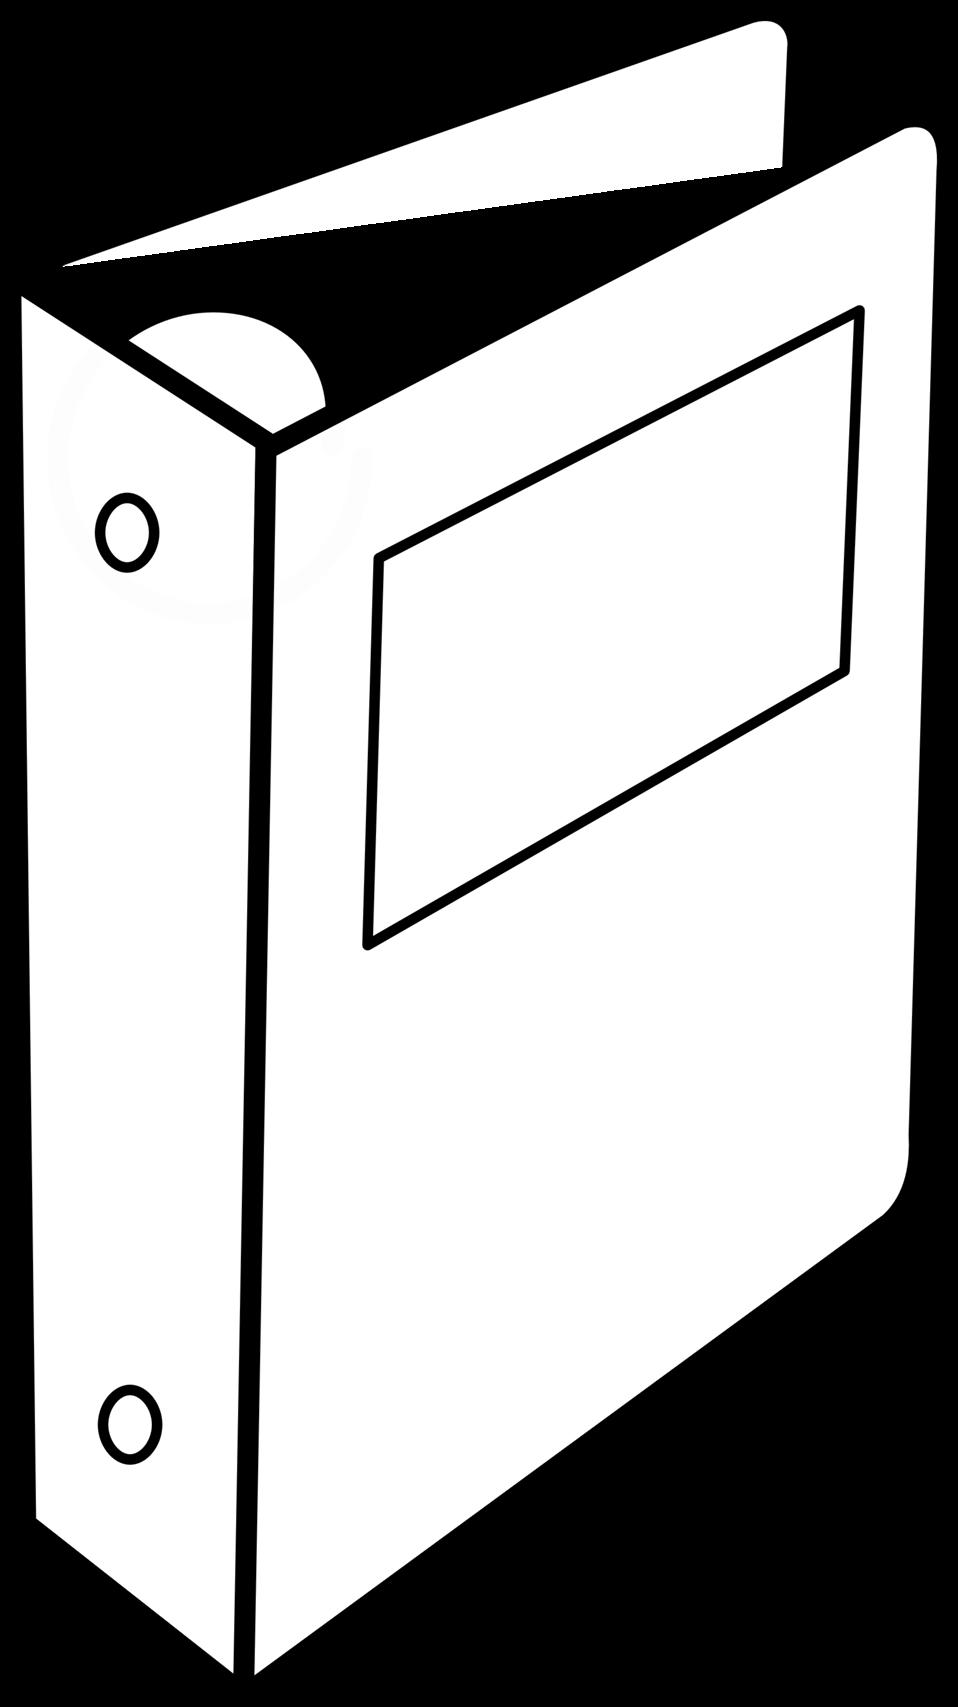 Public domain clip art. Binder clipart file